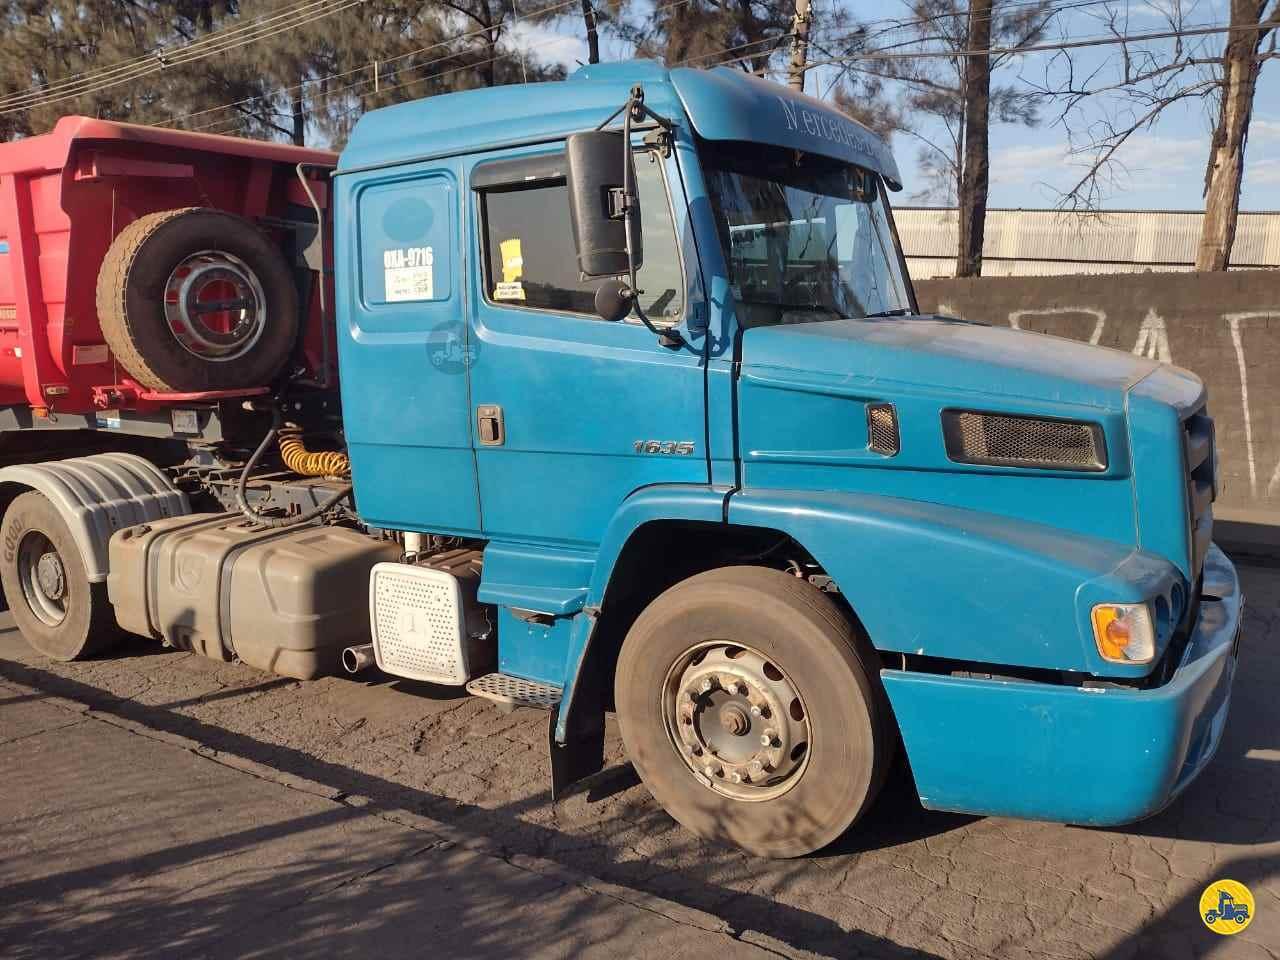 CAMINHAO MERCEDES-BENZ MB 1635 Cavalo Mecânico Toco 4x2 Caminhões Certos CONTAGEM MINAS GERAIS MG